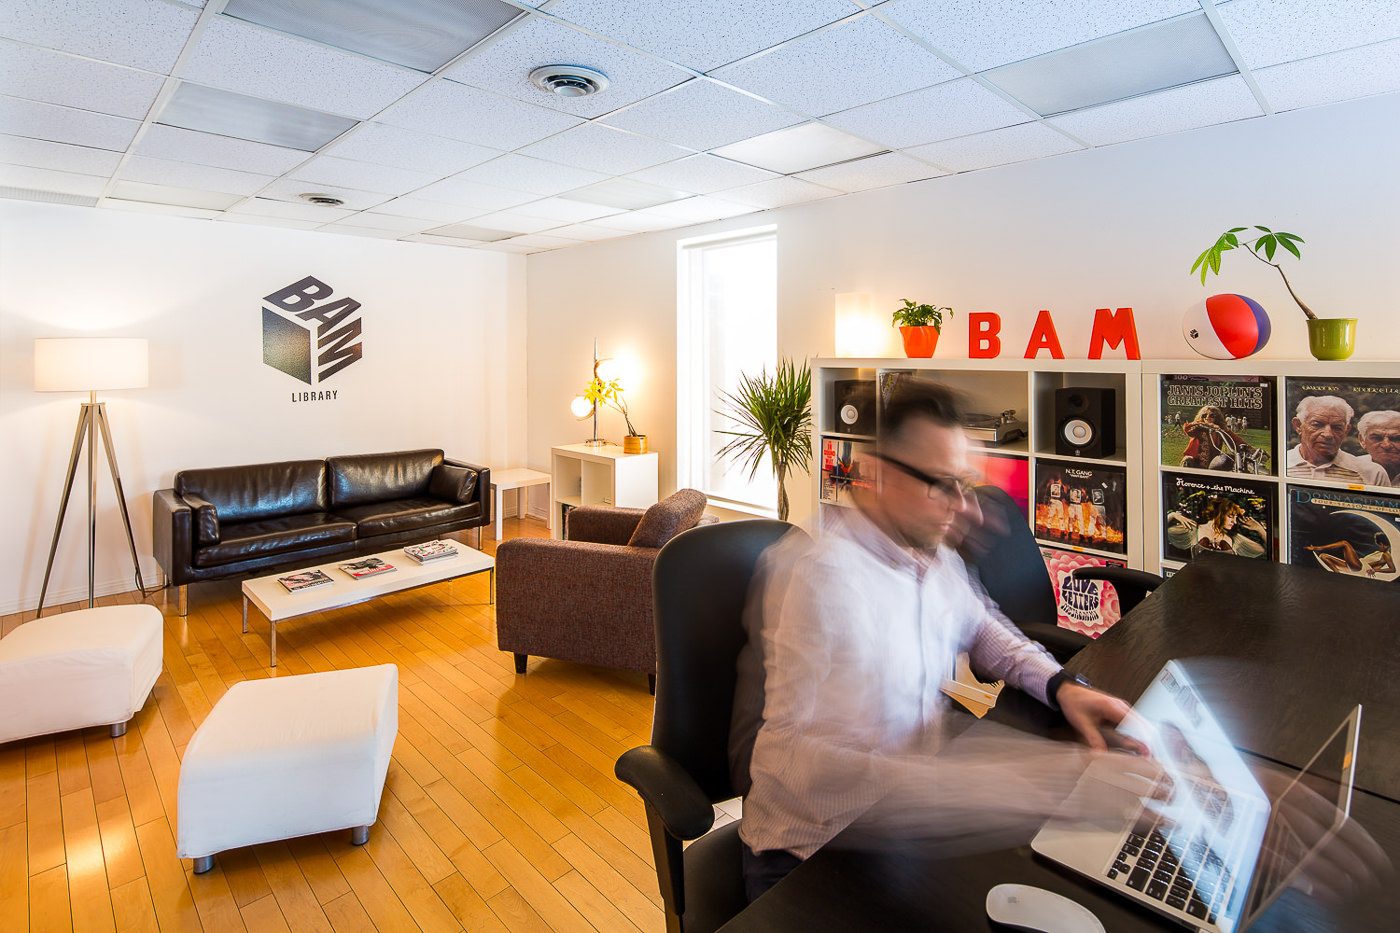 Bam studio architecture avec personne en mouvement